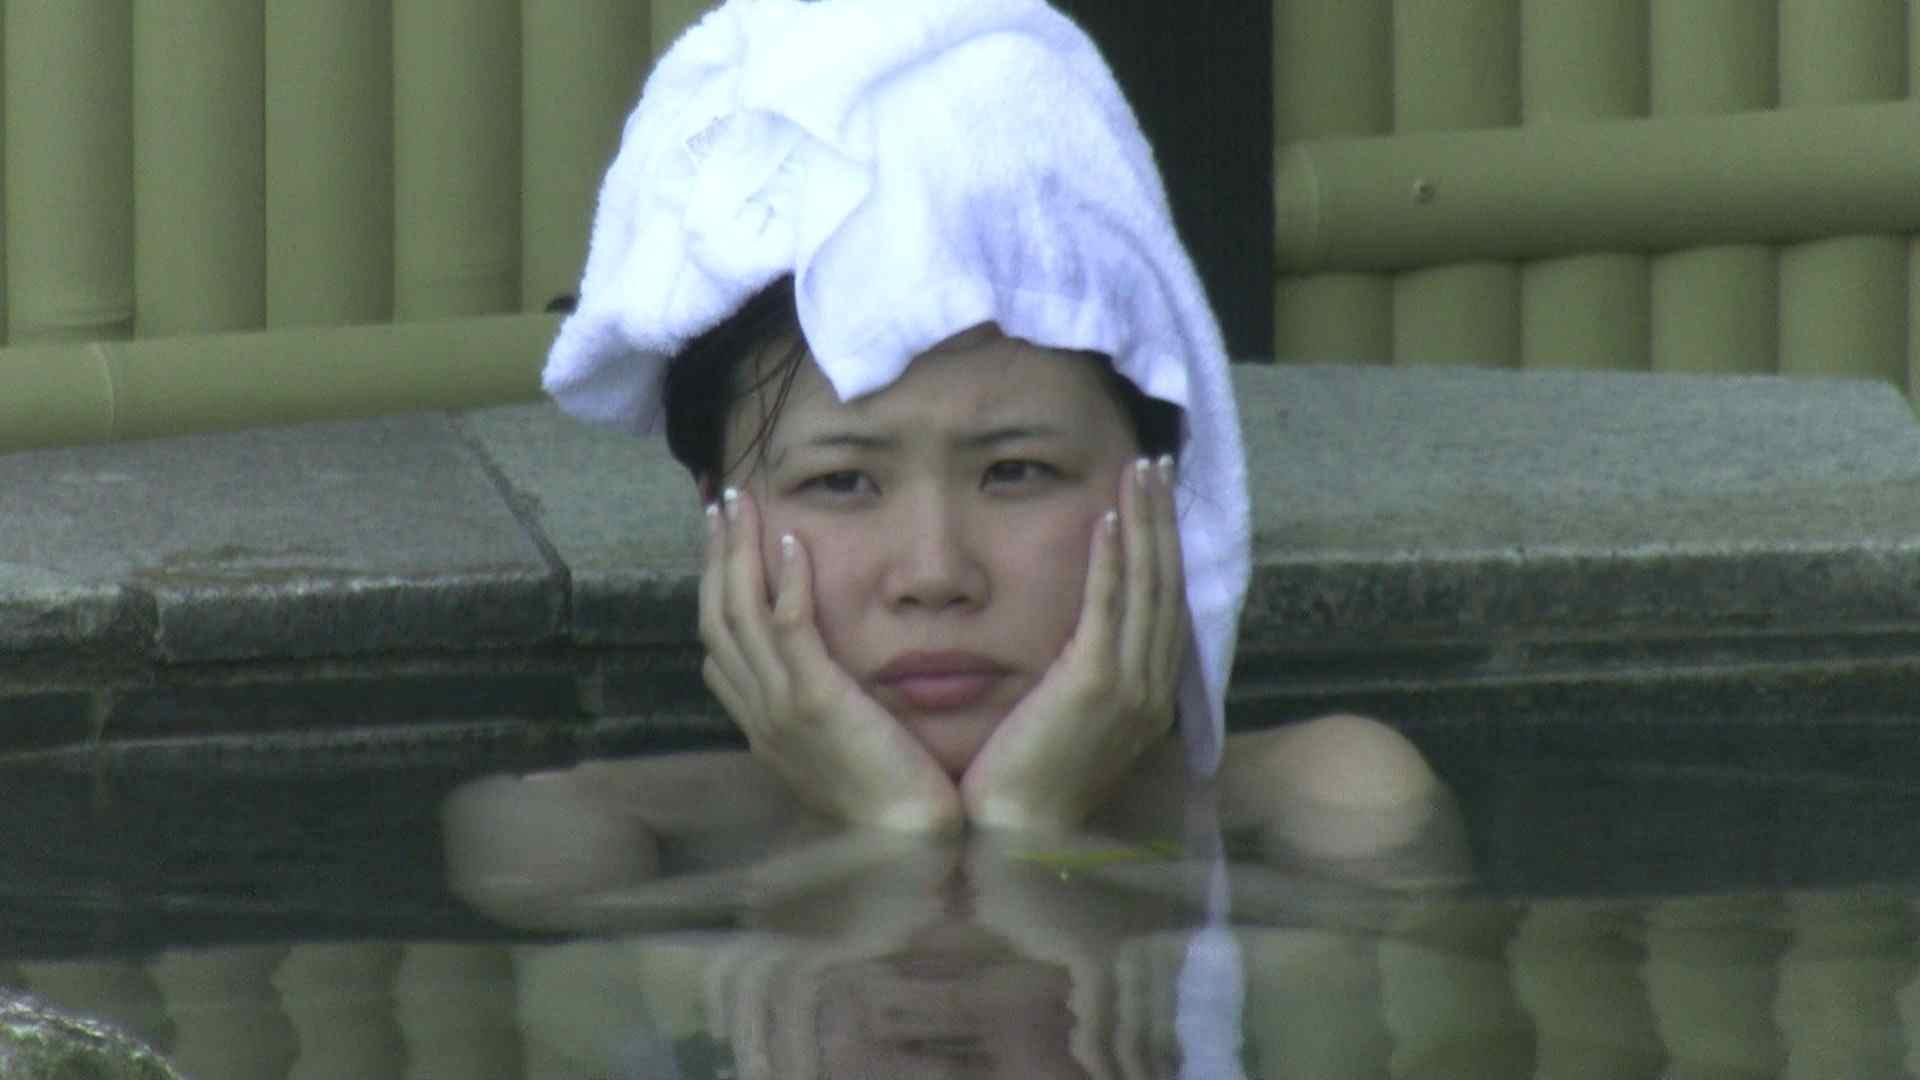 Aquaな露天風呂Vol.183 美しいOLの裸体  105pic 105